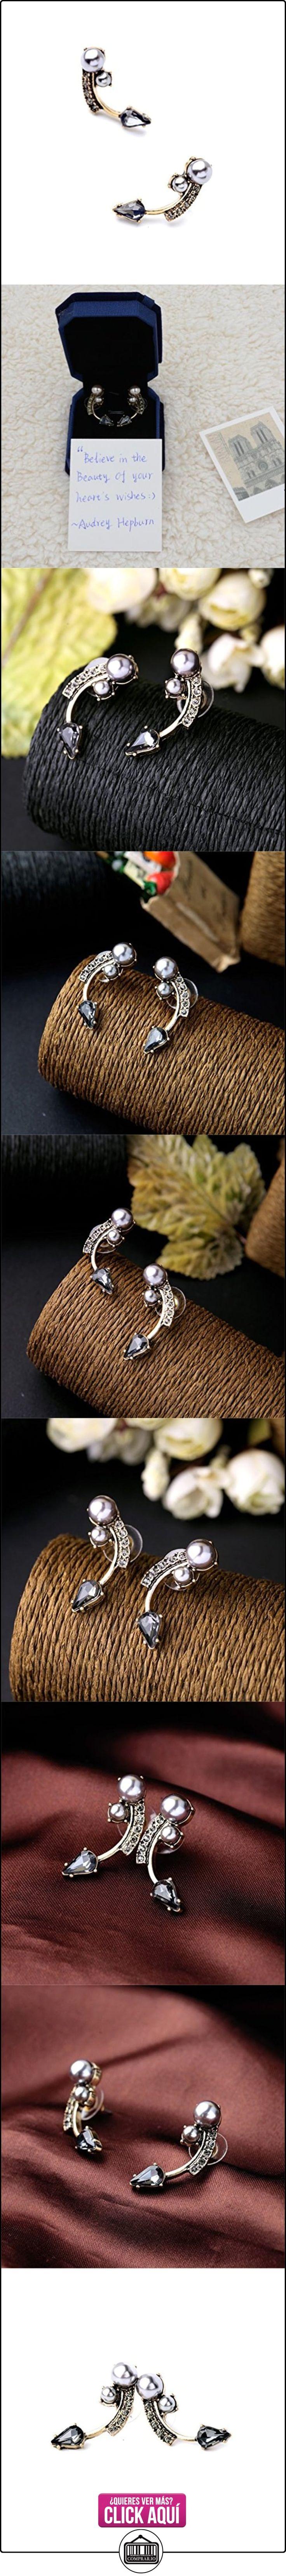 Lares Domi Vintage Gold-tone Crystal imitación Incrustada Gris Spinel elegante retro pendientes  ✿ Joyas para mujer - Las mejores ofertas ✿ ▬► Ver oferta: https://comprar.io/goto/B01J7692U6